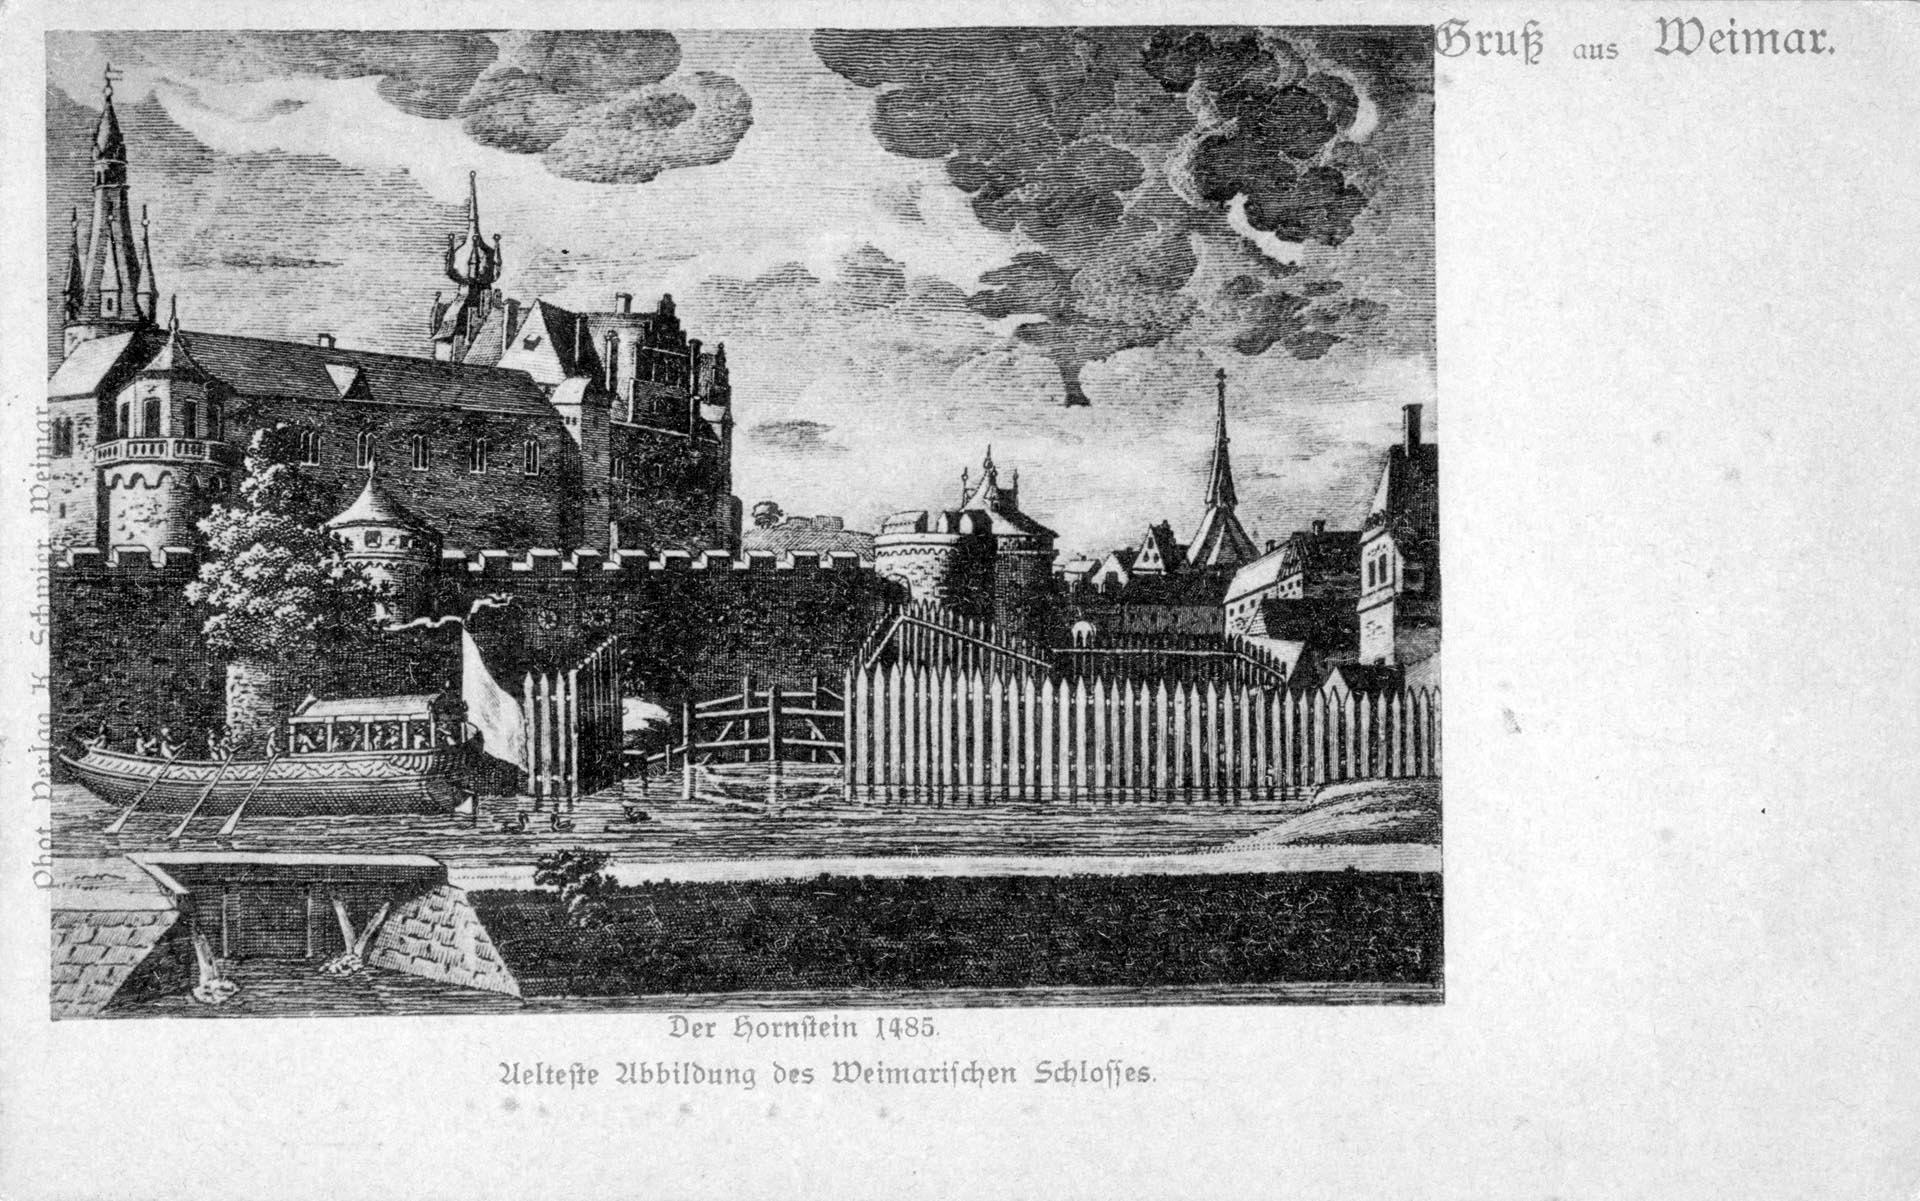 Der Hornstein 1485 - Älteste Abbildung des Weimarar Schlosses